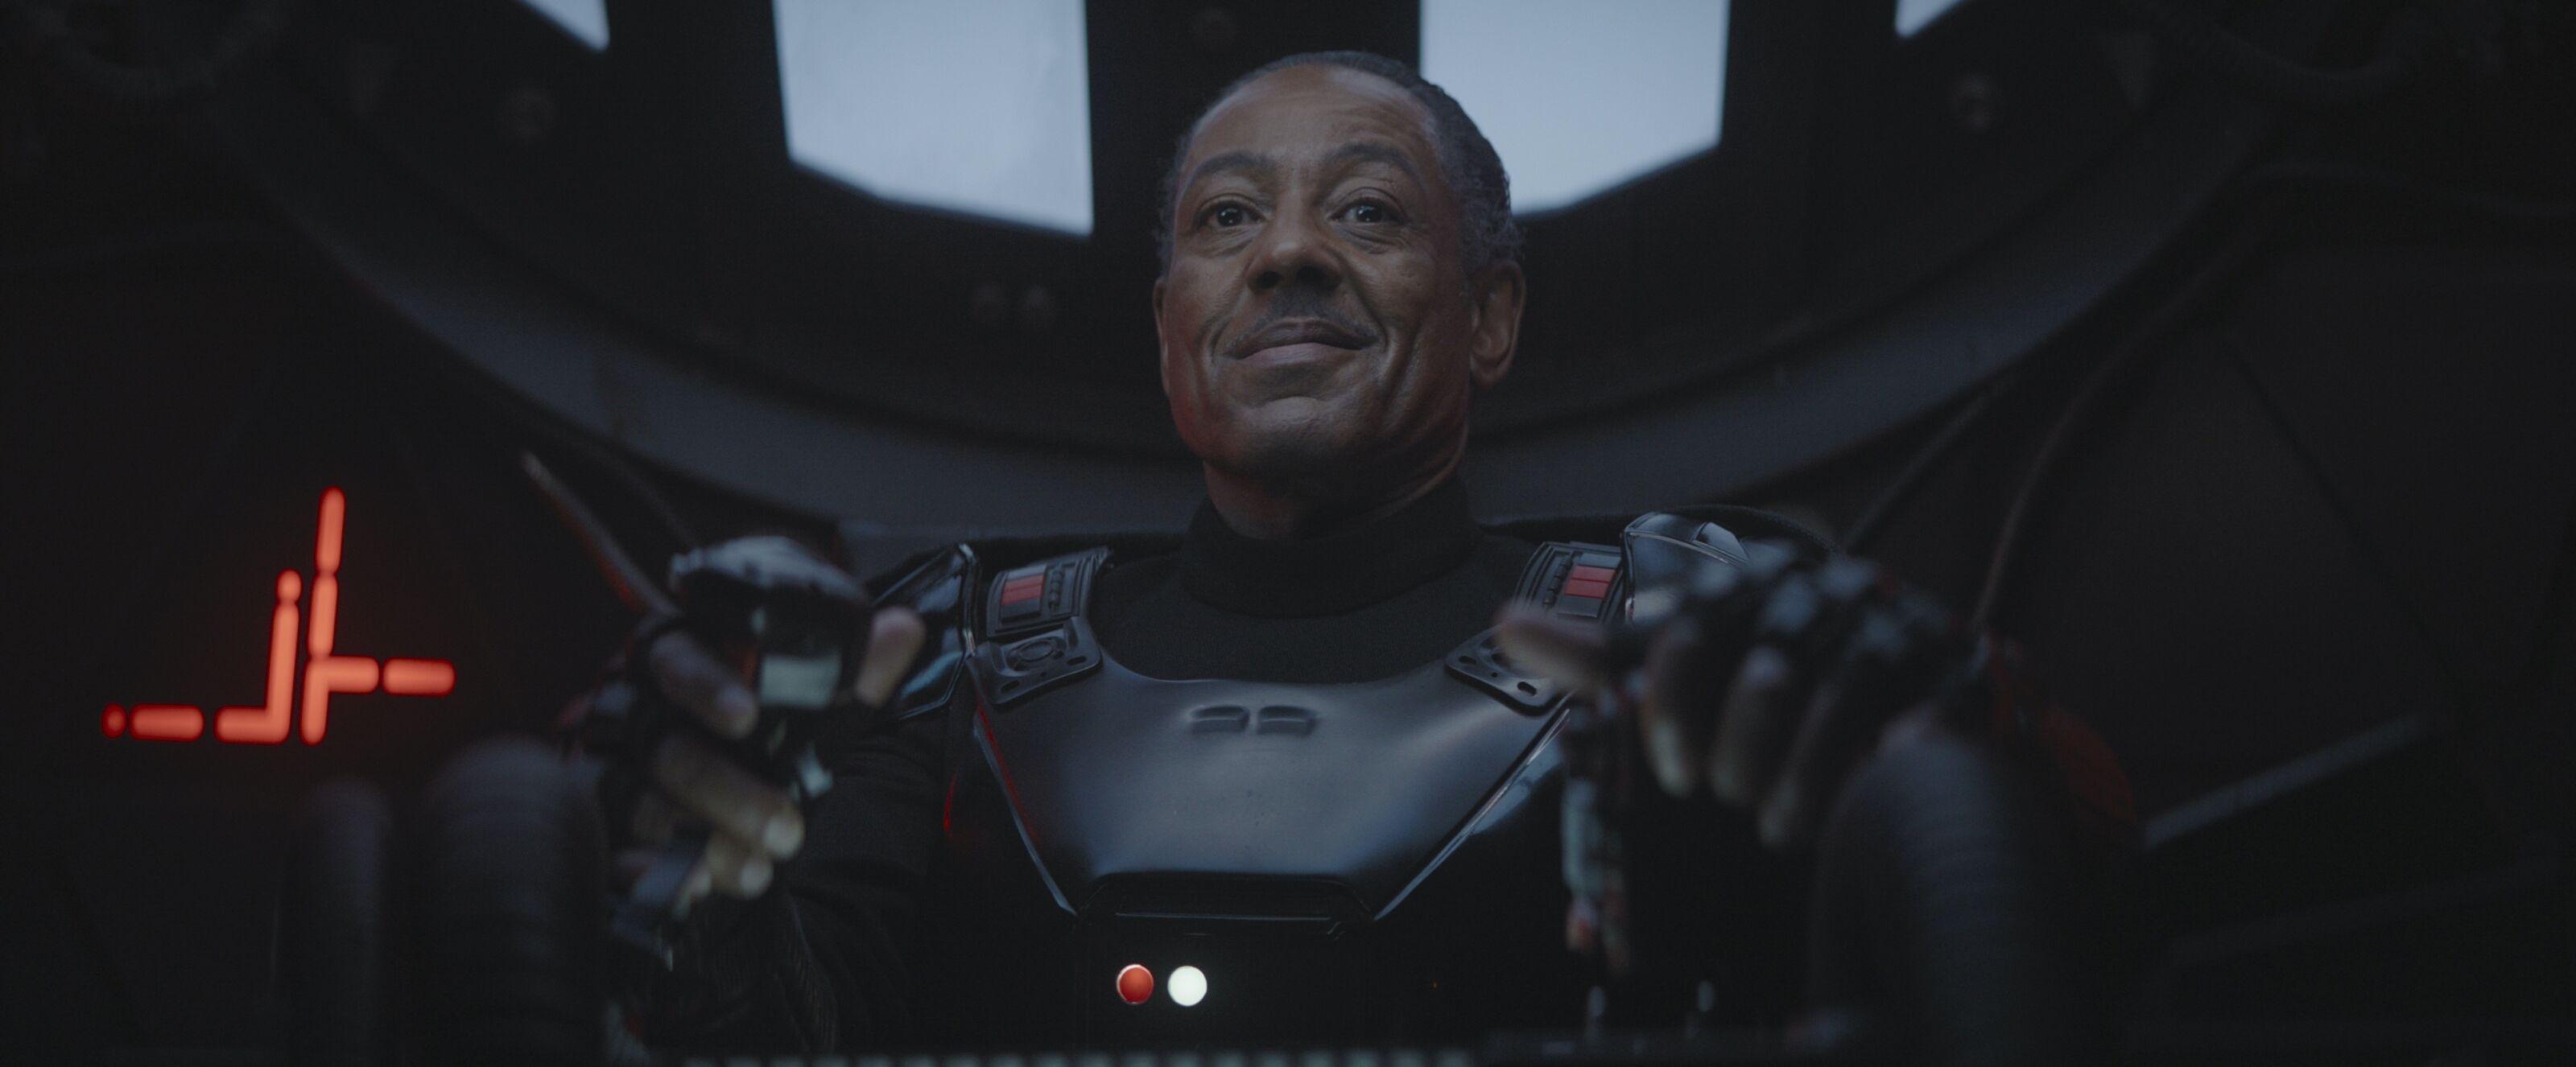 The Mandalorian: Giancarlo Esposito teases Moff Gideon's plans in season 2